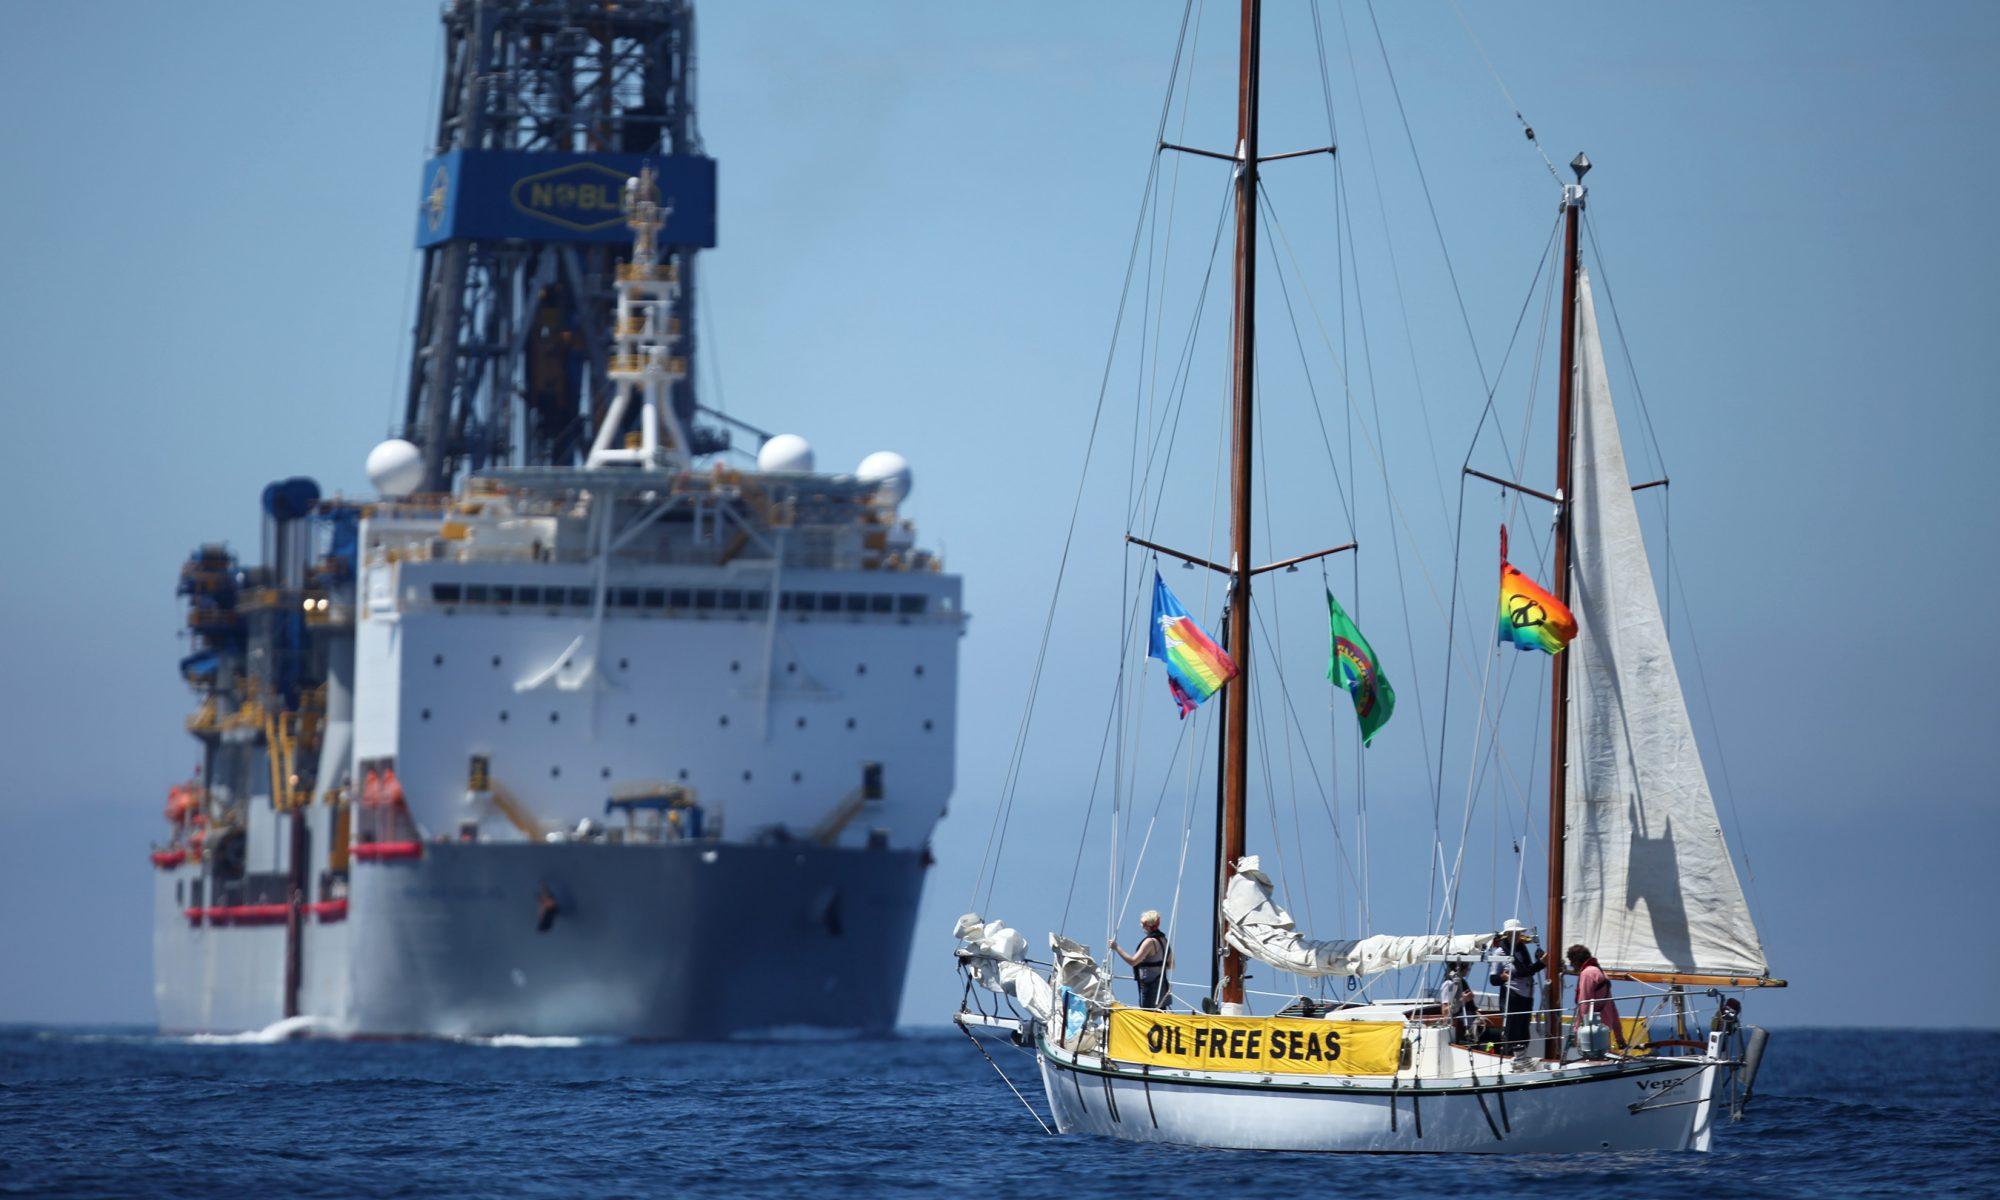 Oil Free Seas Flotilla